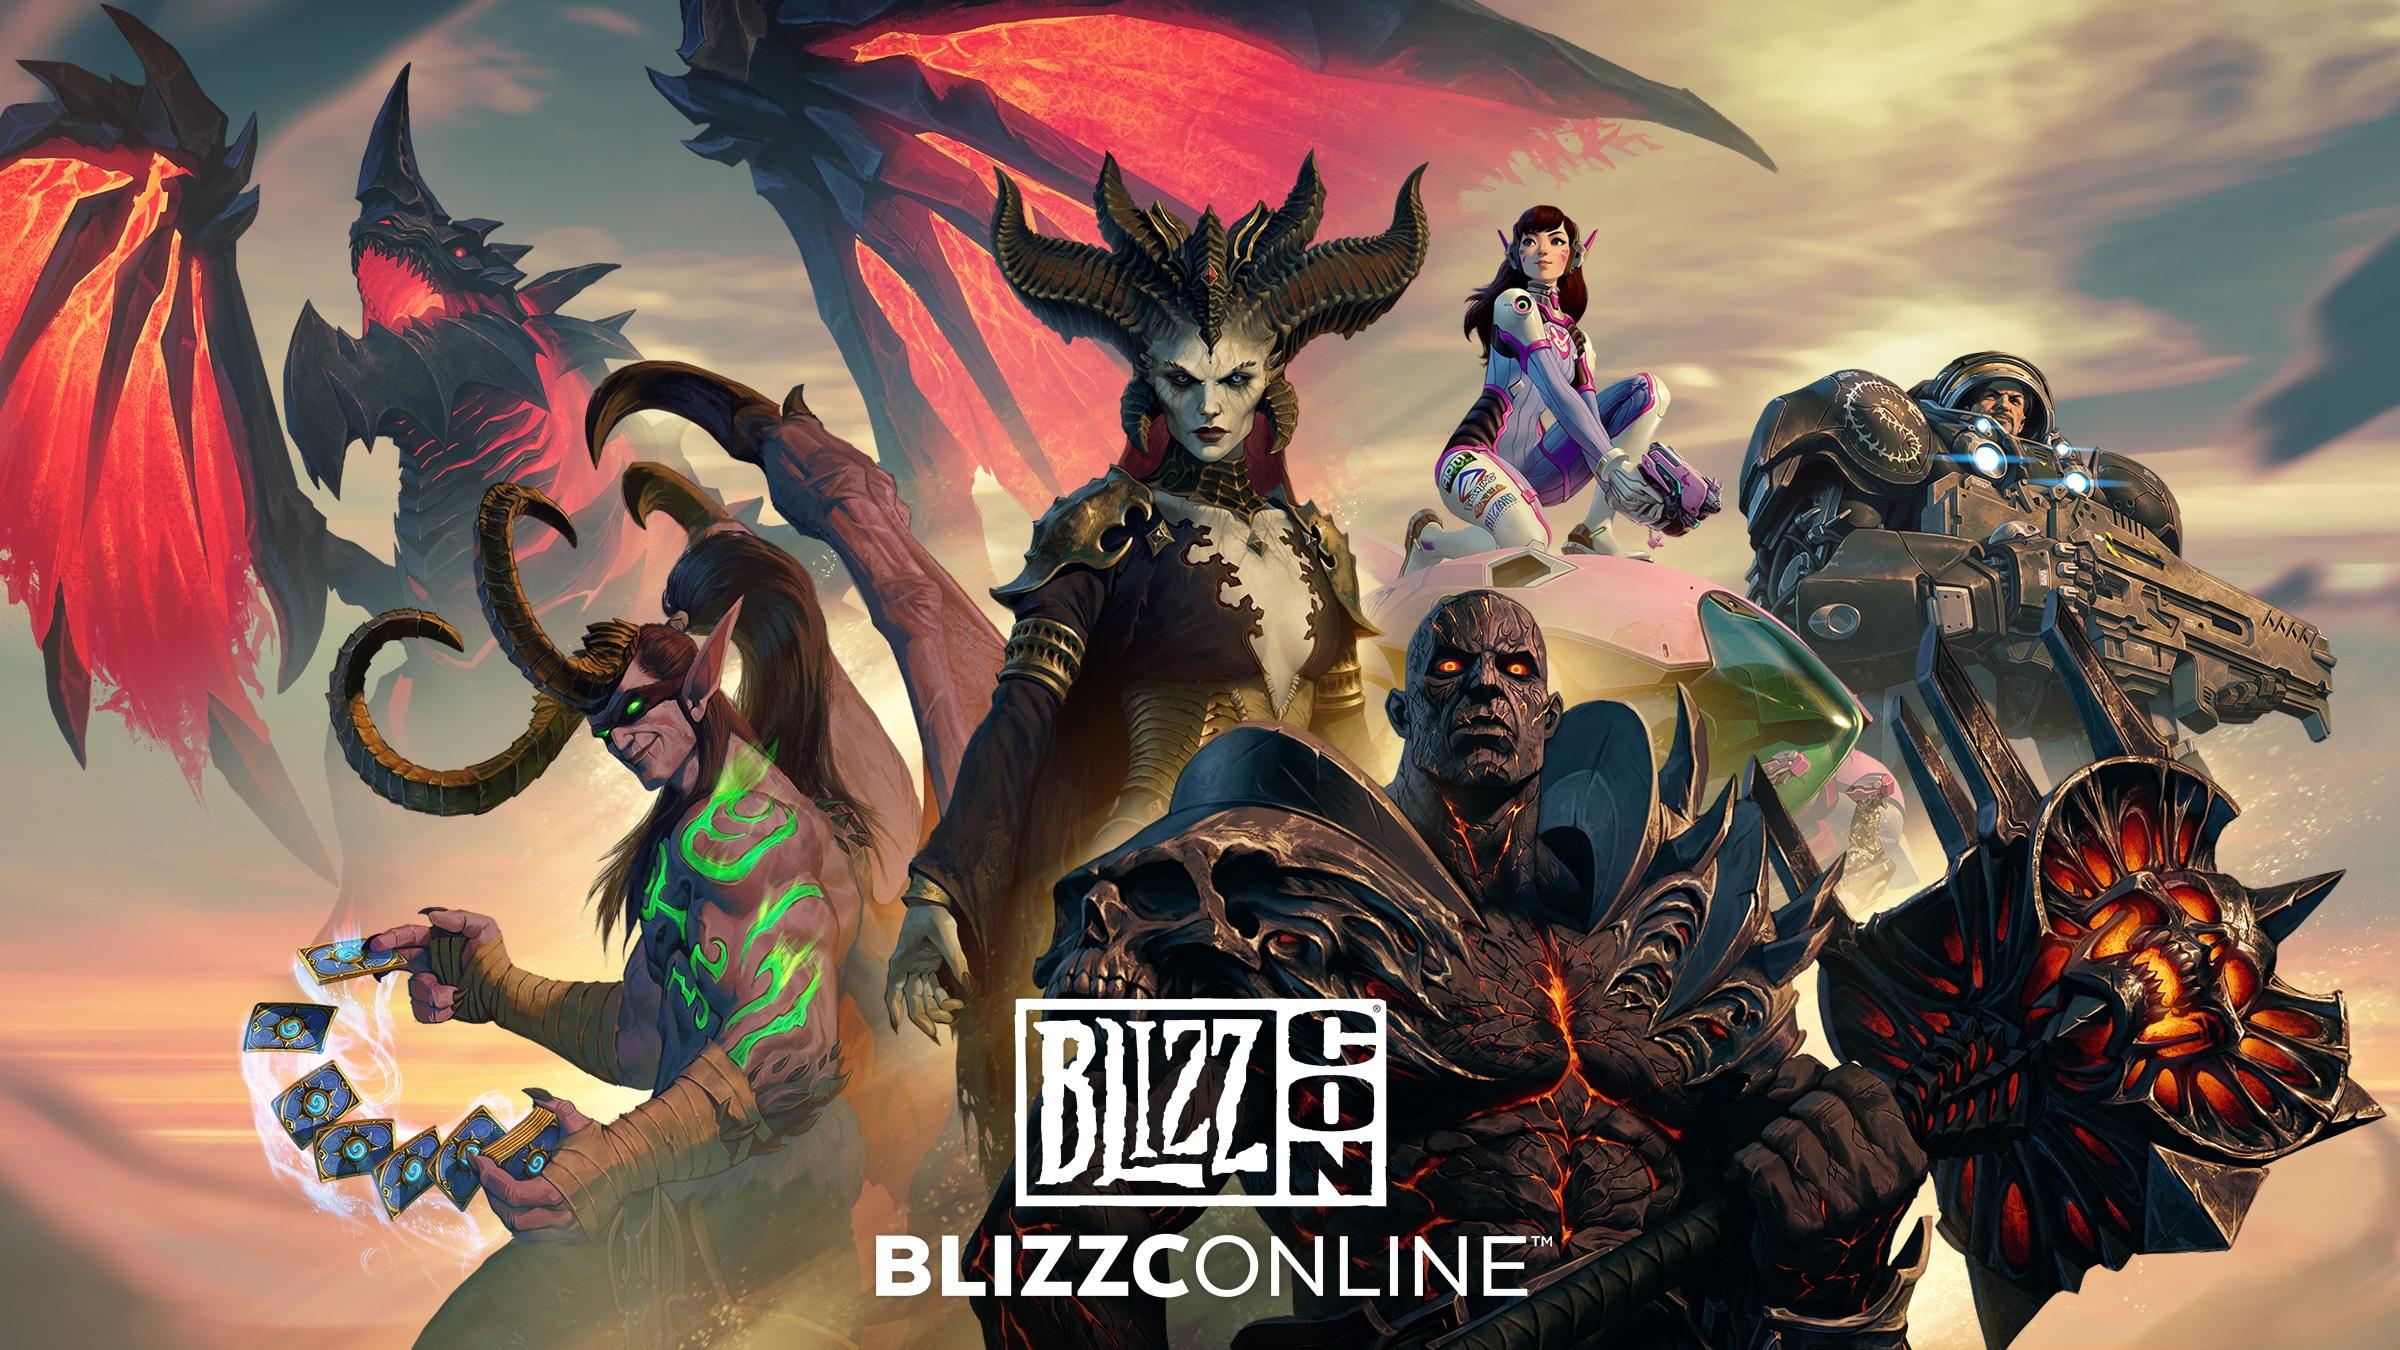 準備好在台灣時間 2 月 20 日和 2 月 21 日迎接 BlizzConline™